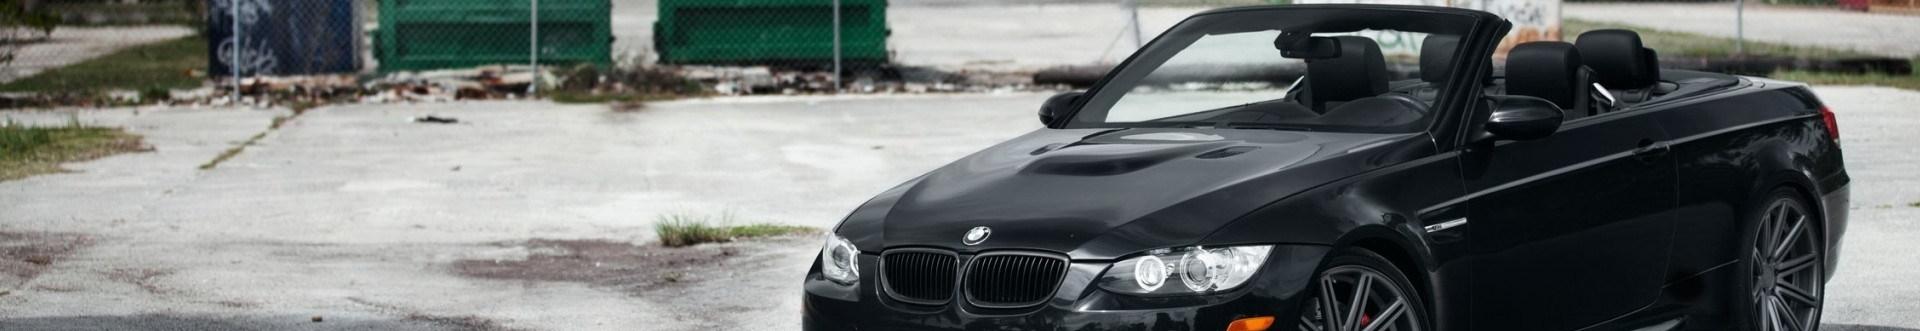 Kasutatud auto ostmine